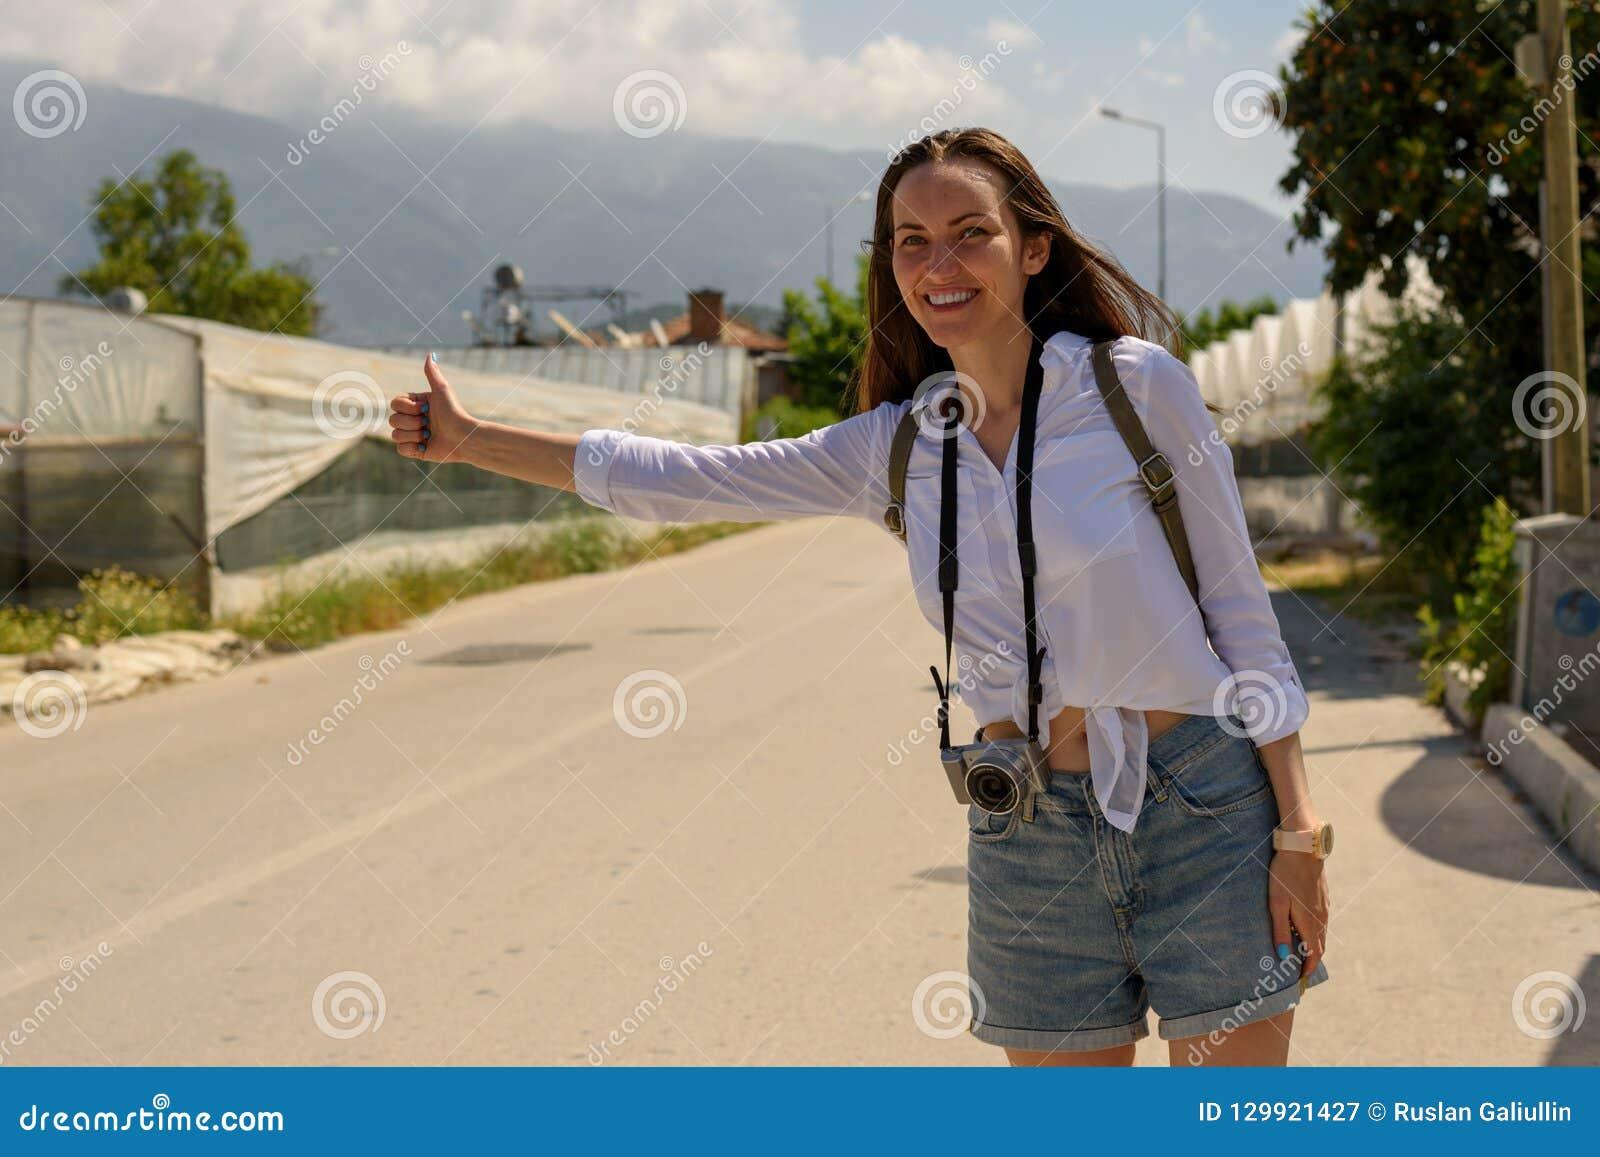 Μια γυναίκα στην πλευρά του δρόμου πιάνει ένα περνώντας αυτοκίνητο, να κάνει ωτοστόπ